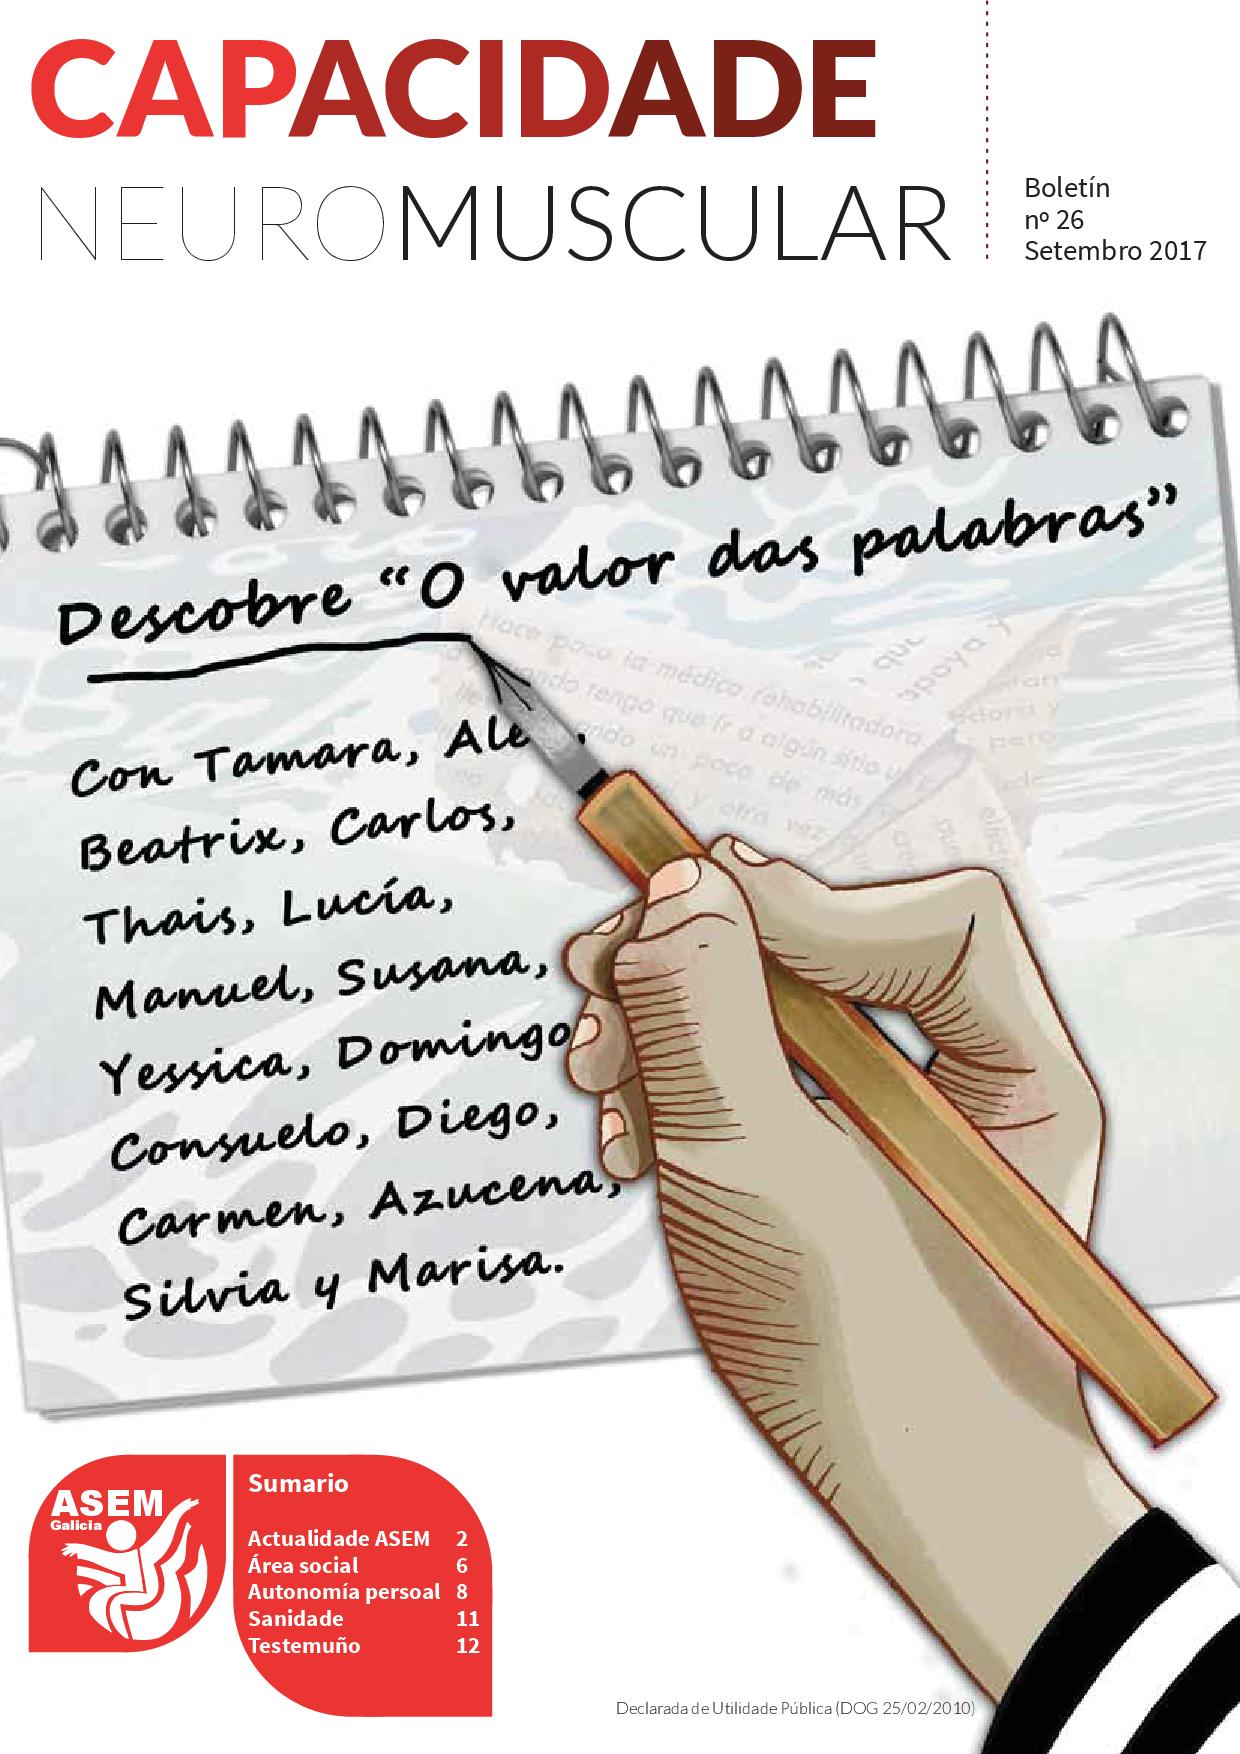 Boletín capacidade neuromusculara 26 Asem Galicia